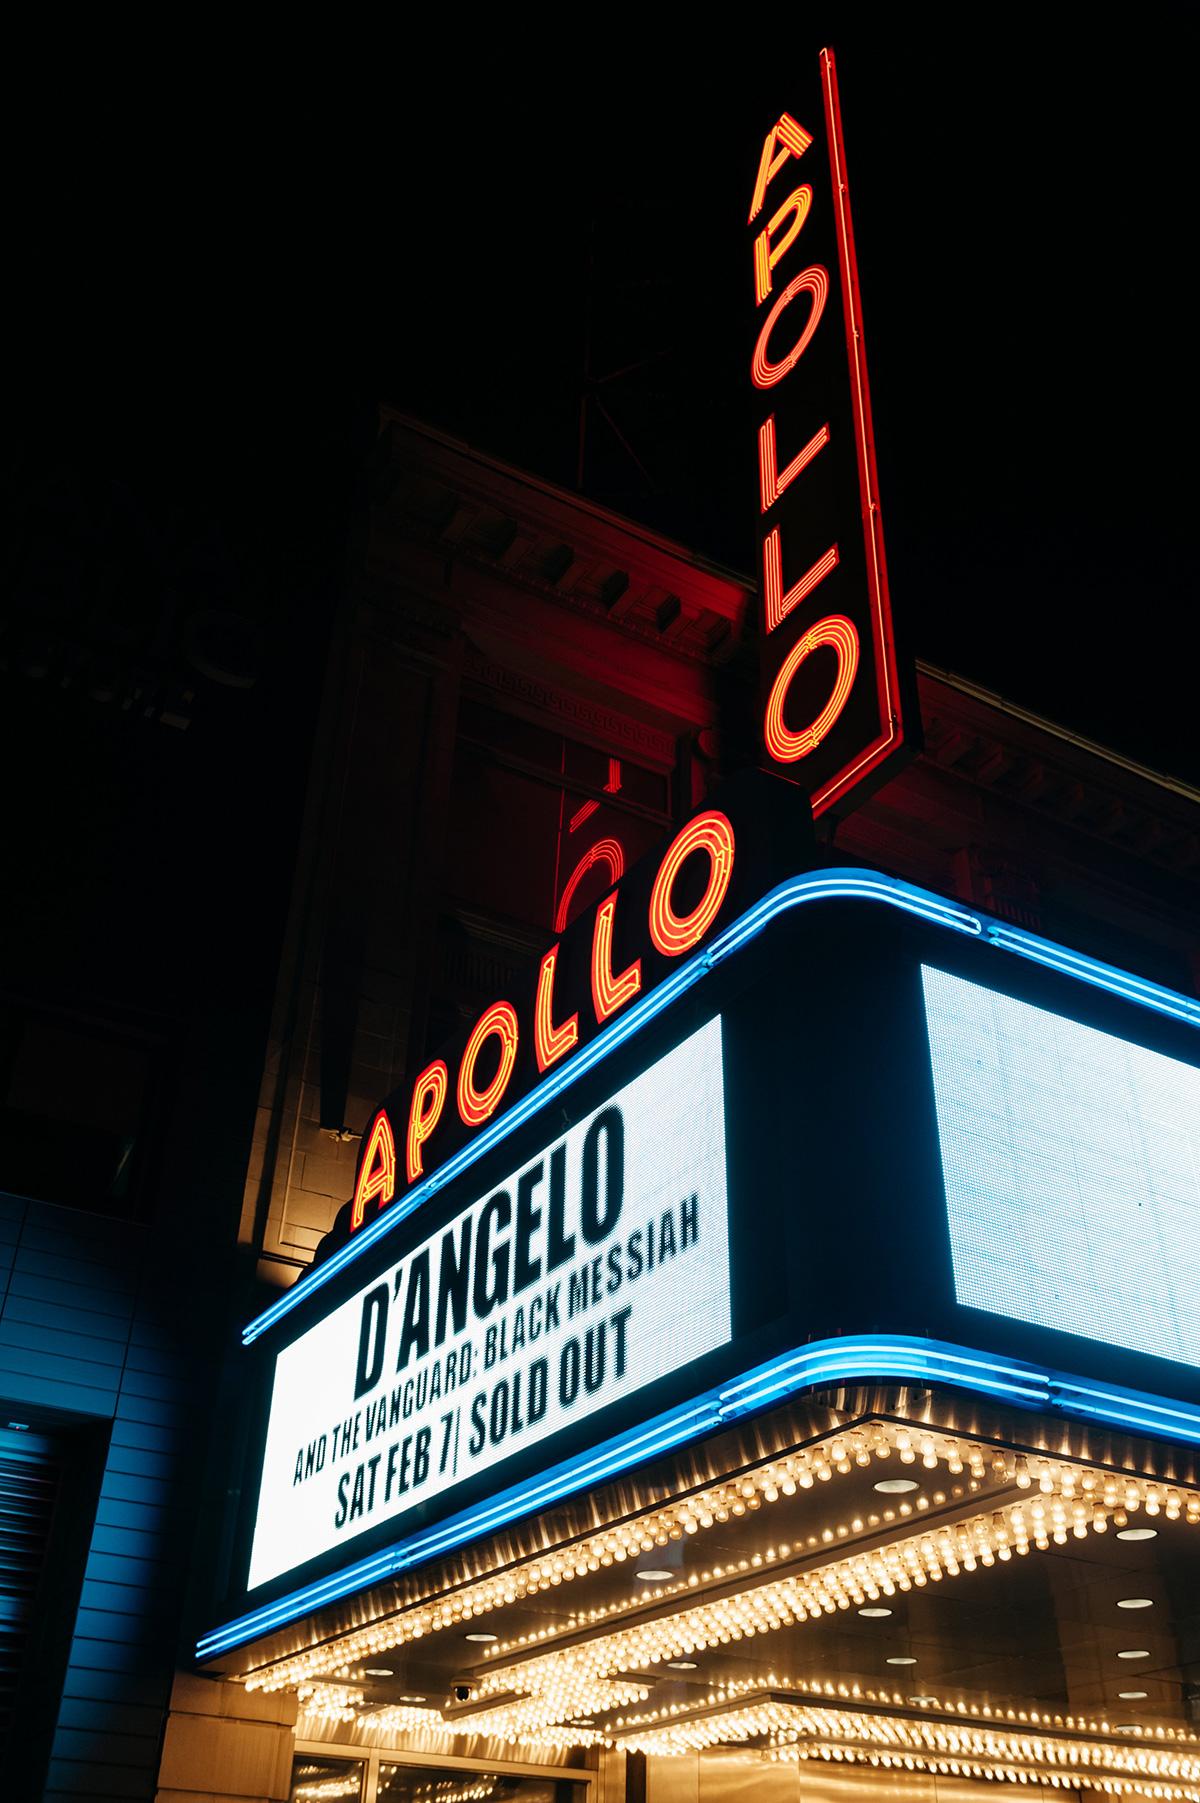 La musica a New York: dove andare - TgTourism